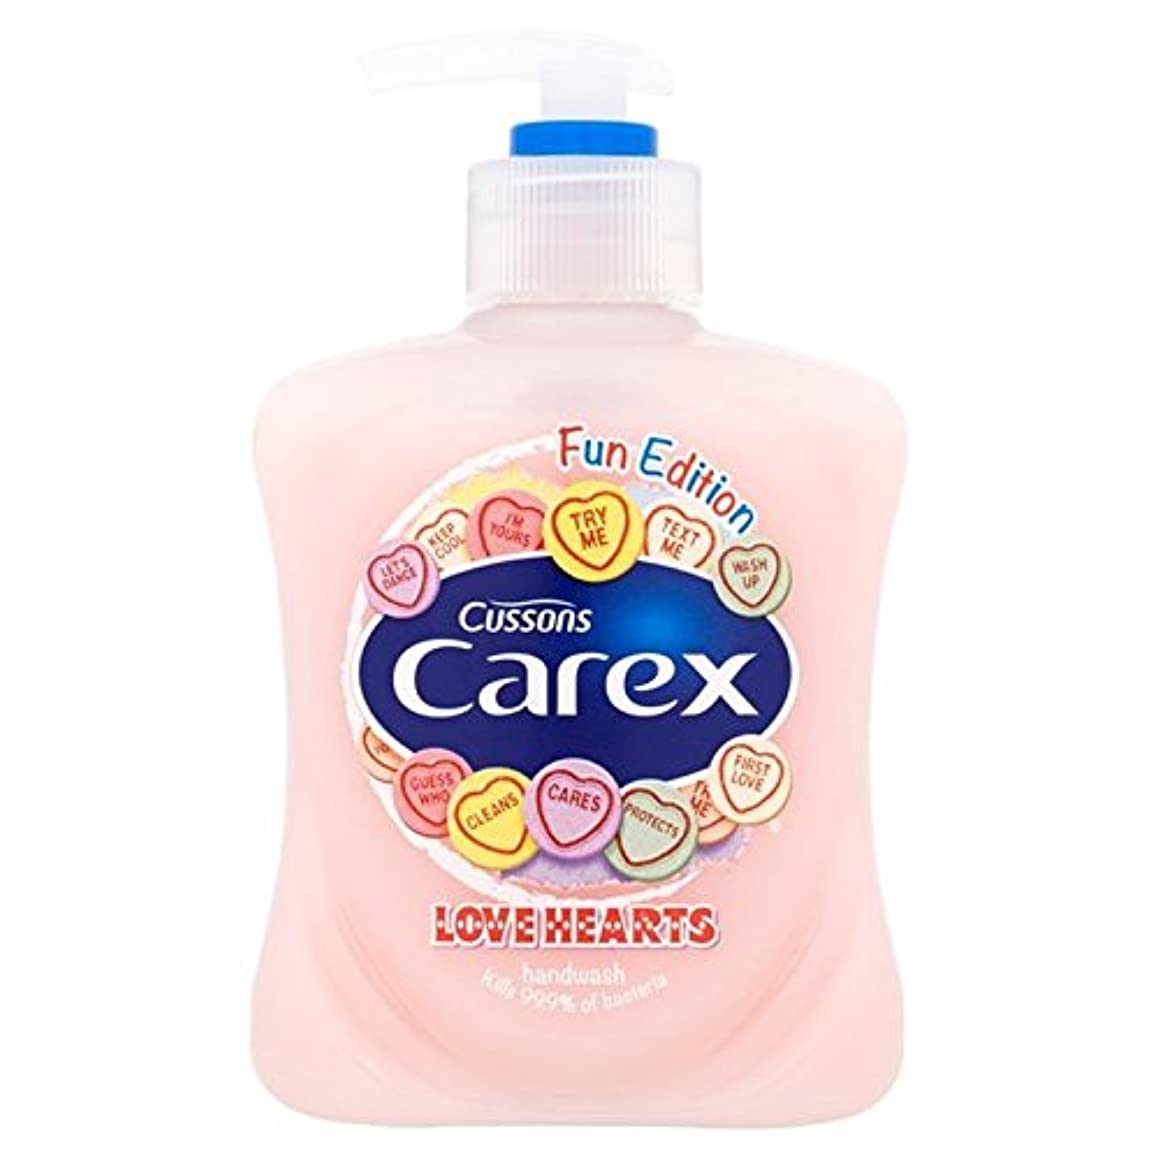 失うまた熟読するCarex Fun Edition Love Hearts Hand Wash 250ml (Pack of 6) - スゲ楽しい版愛の心のハンドウォッシュ250ミリリットル x6 [並行輸入品]